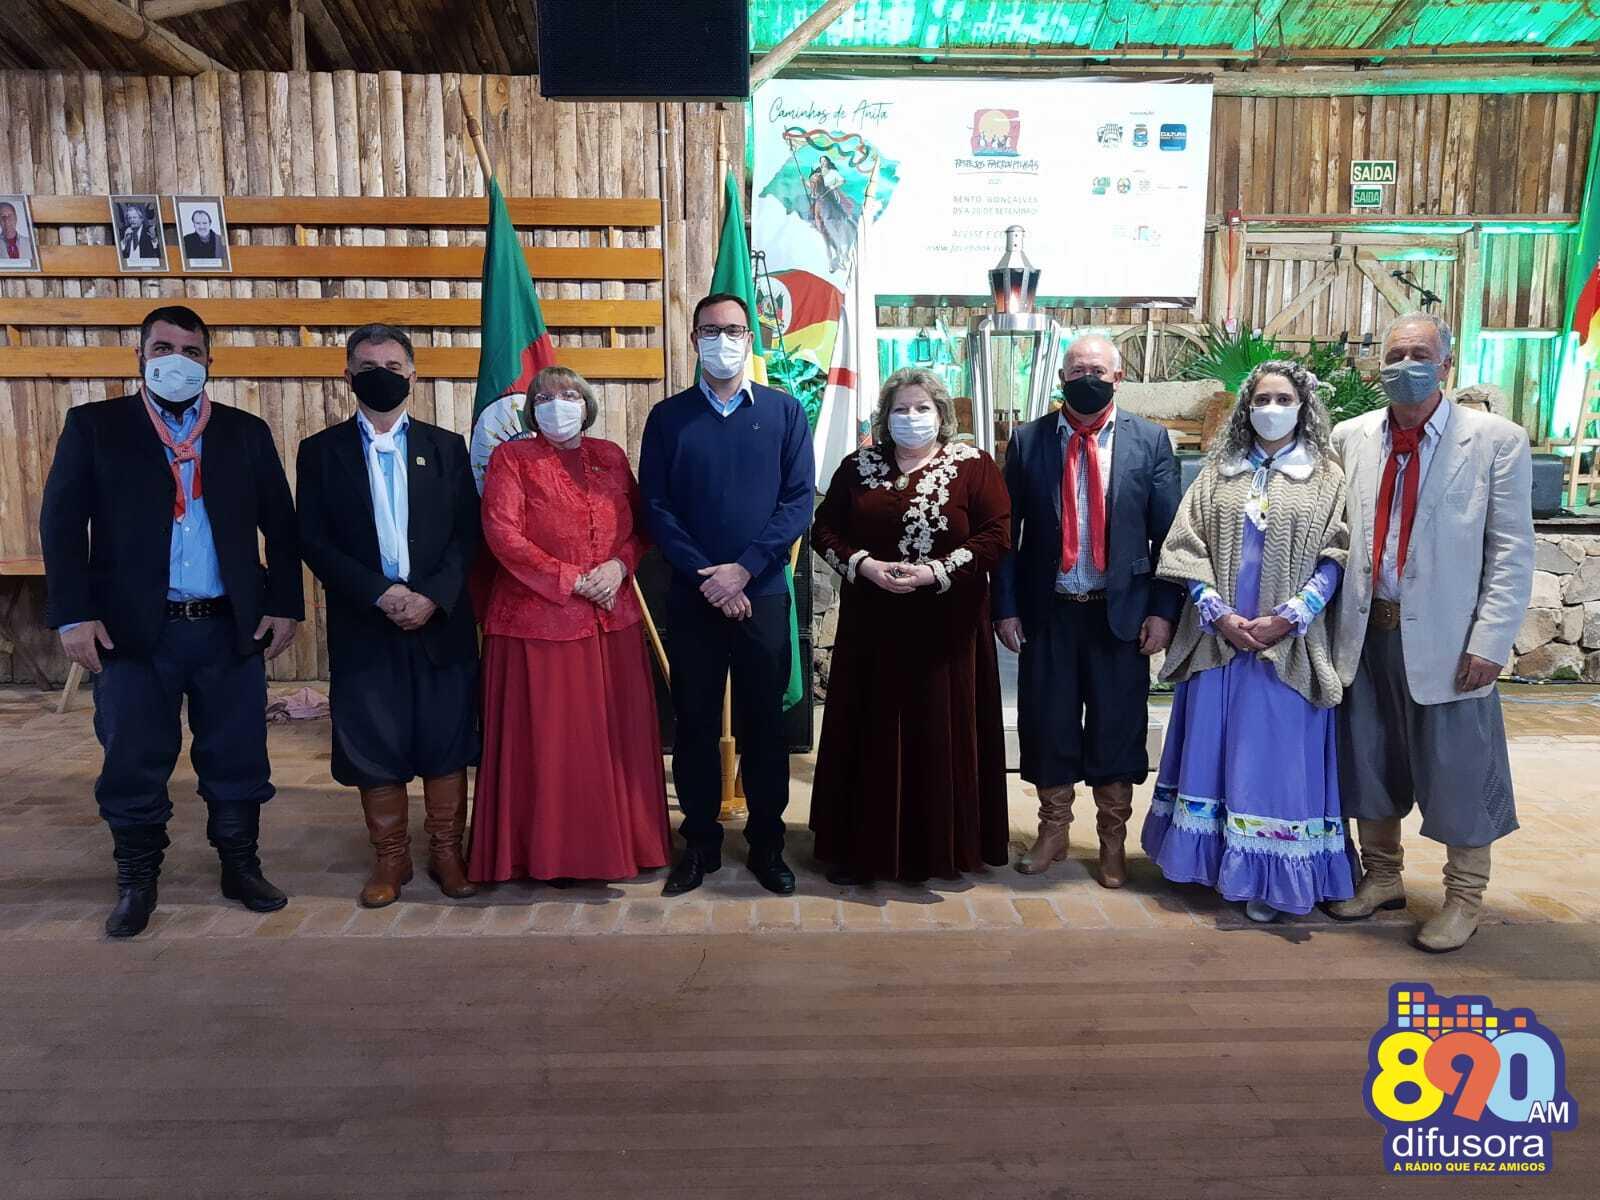 Festejos Farroupilhas são abertos oficialmente em Bento Gonçalves